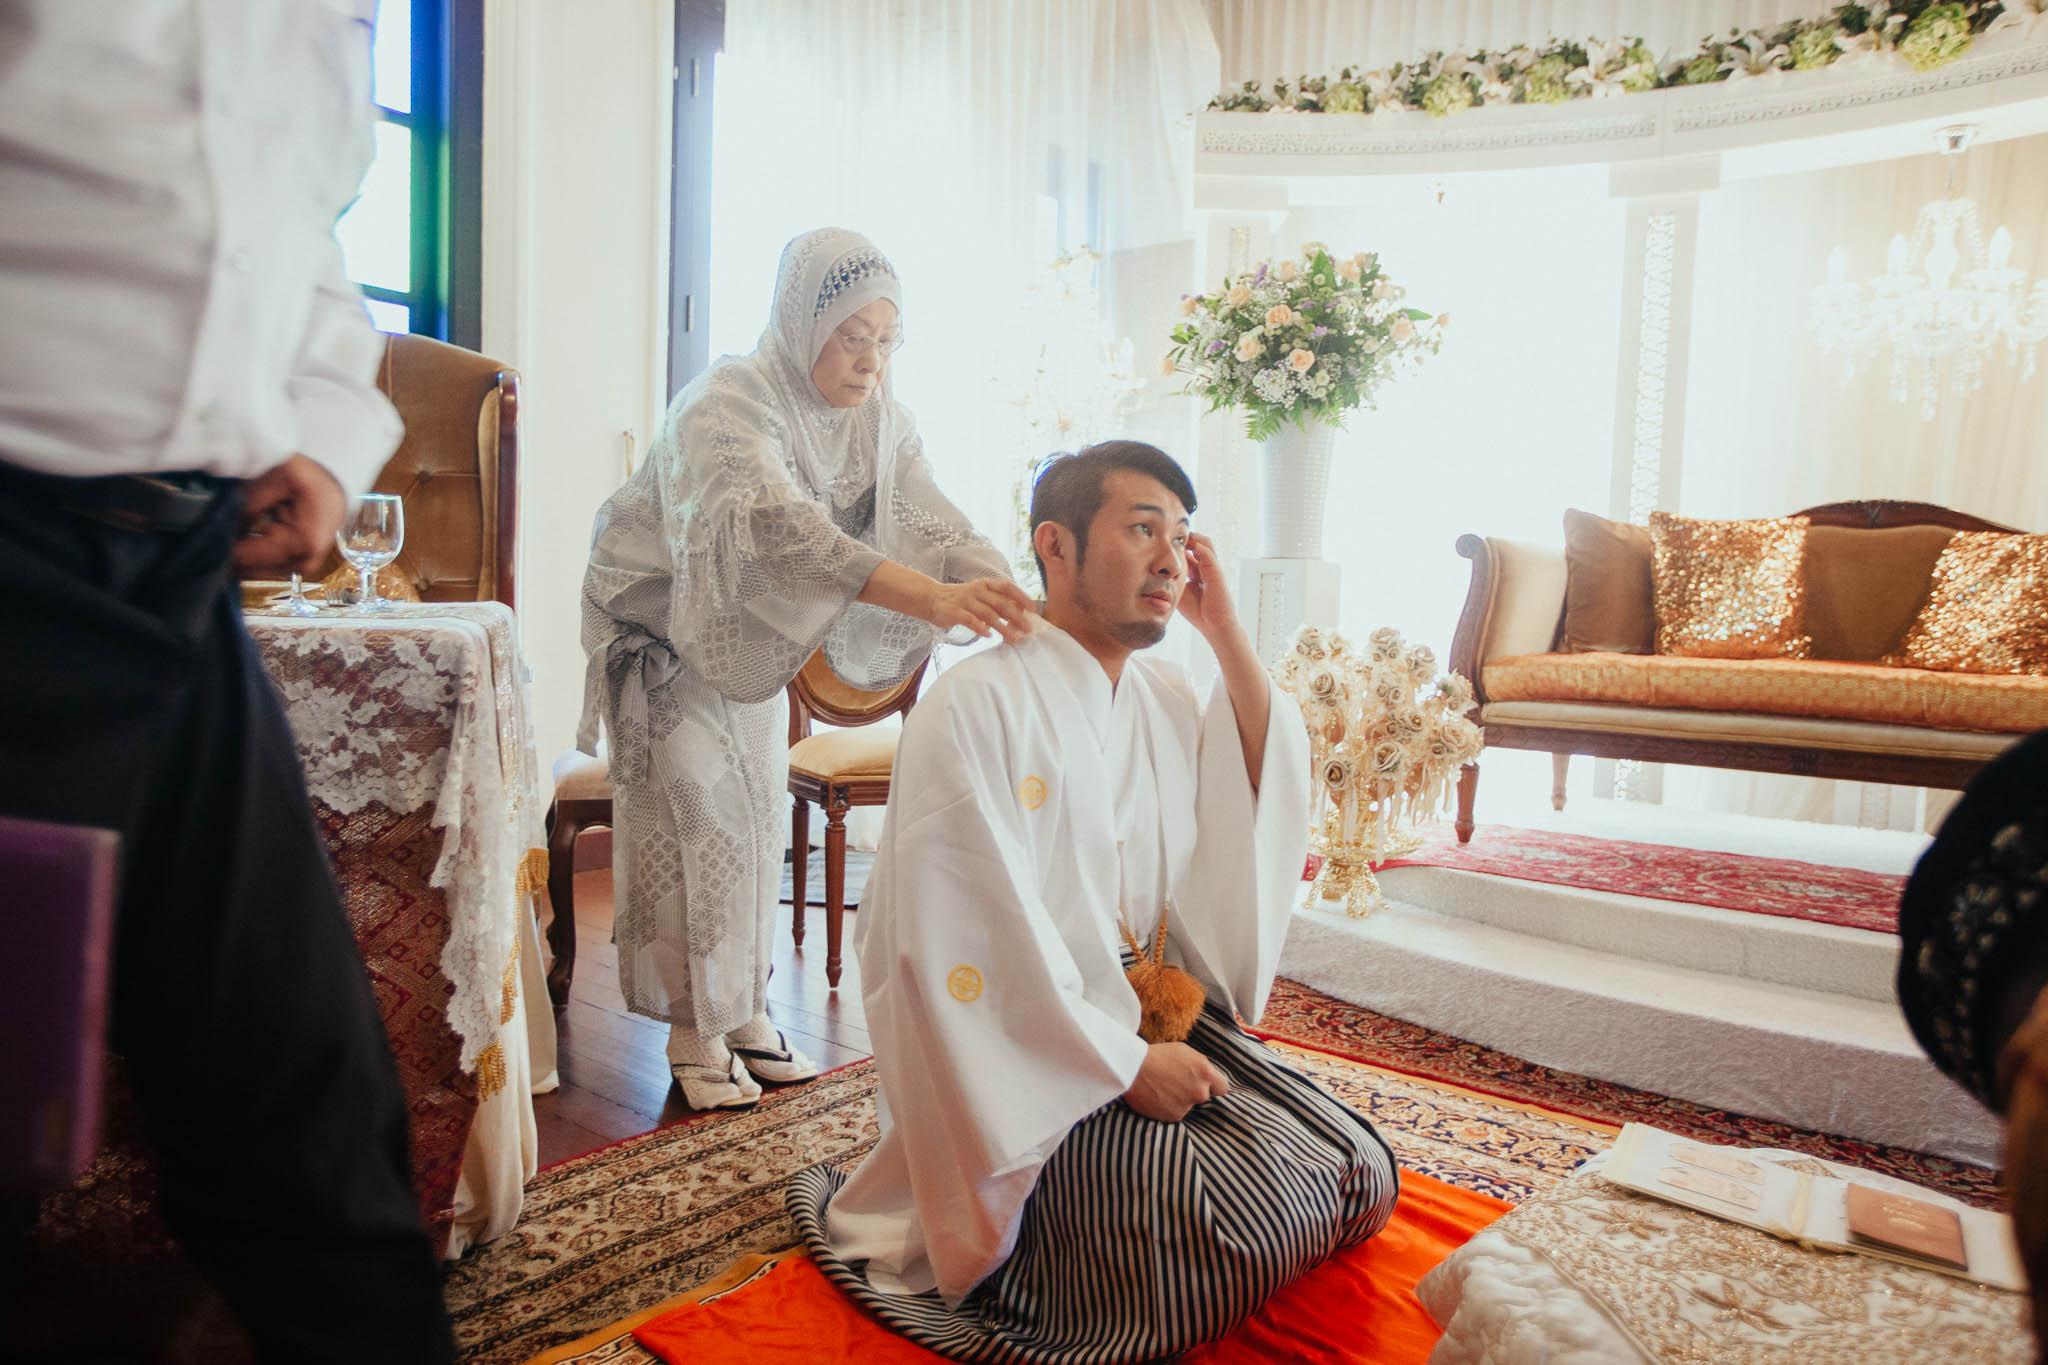 singapore-wedding-photographer-travel-wemadethese-atara-hafizah-13.jpg